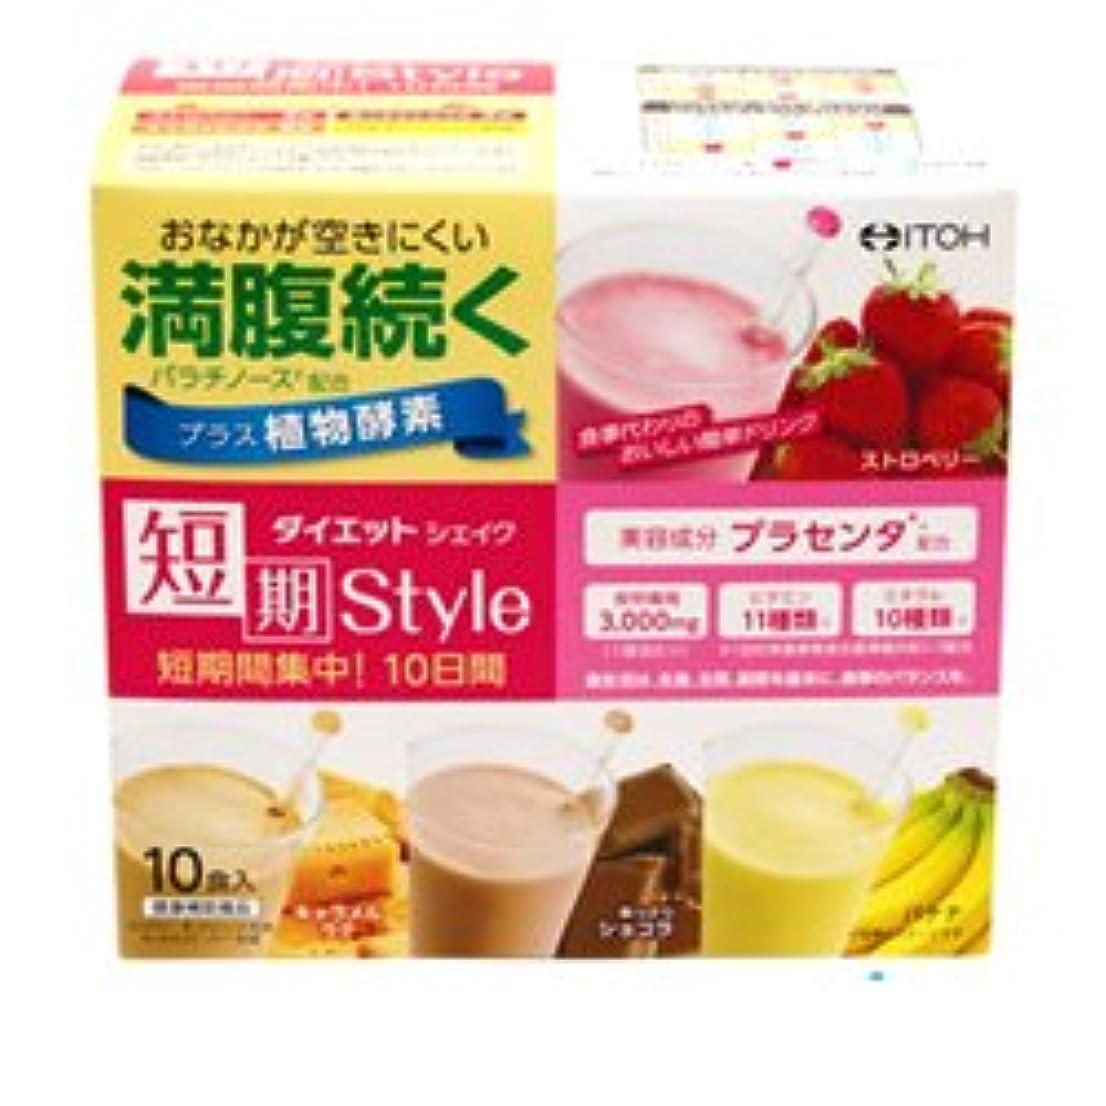 快適スパークそんなに【井藤漢方製薬】短期スタイル ダイエットシェイク 10包 ×20個セット